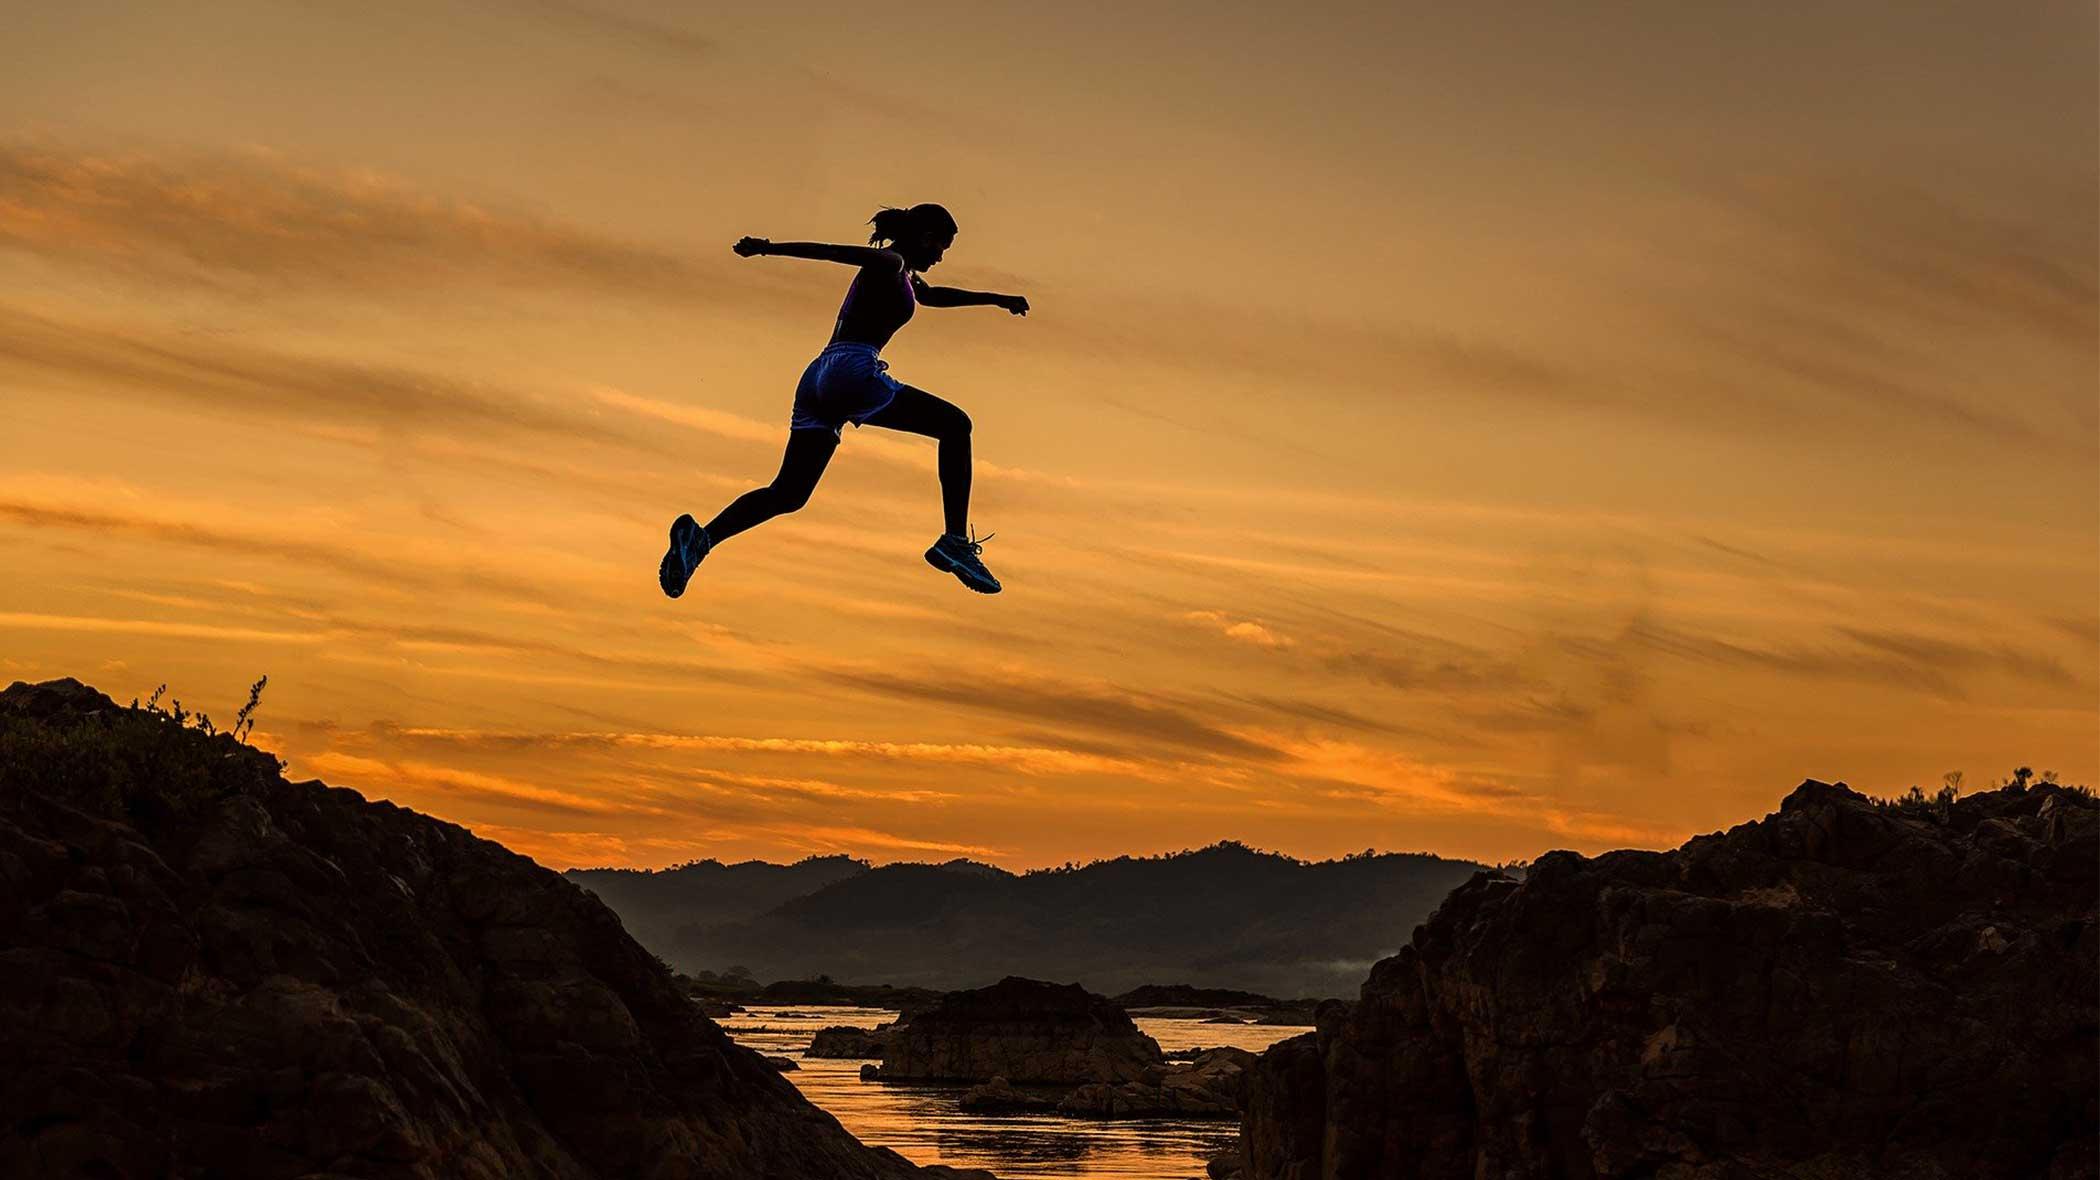 a women is doing a big jump